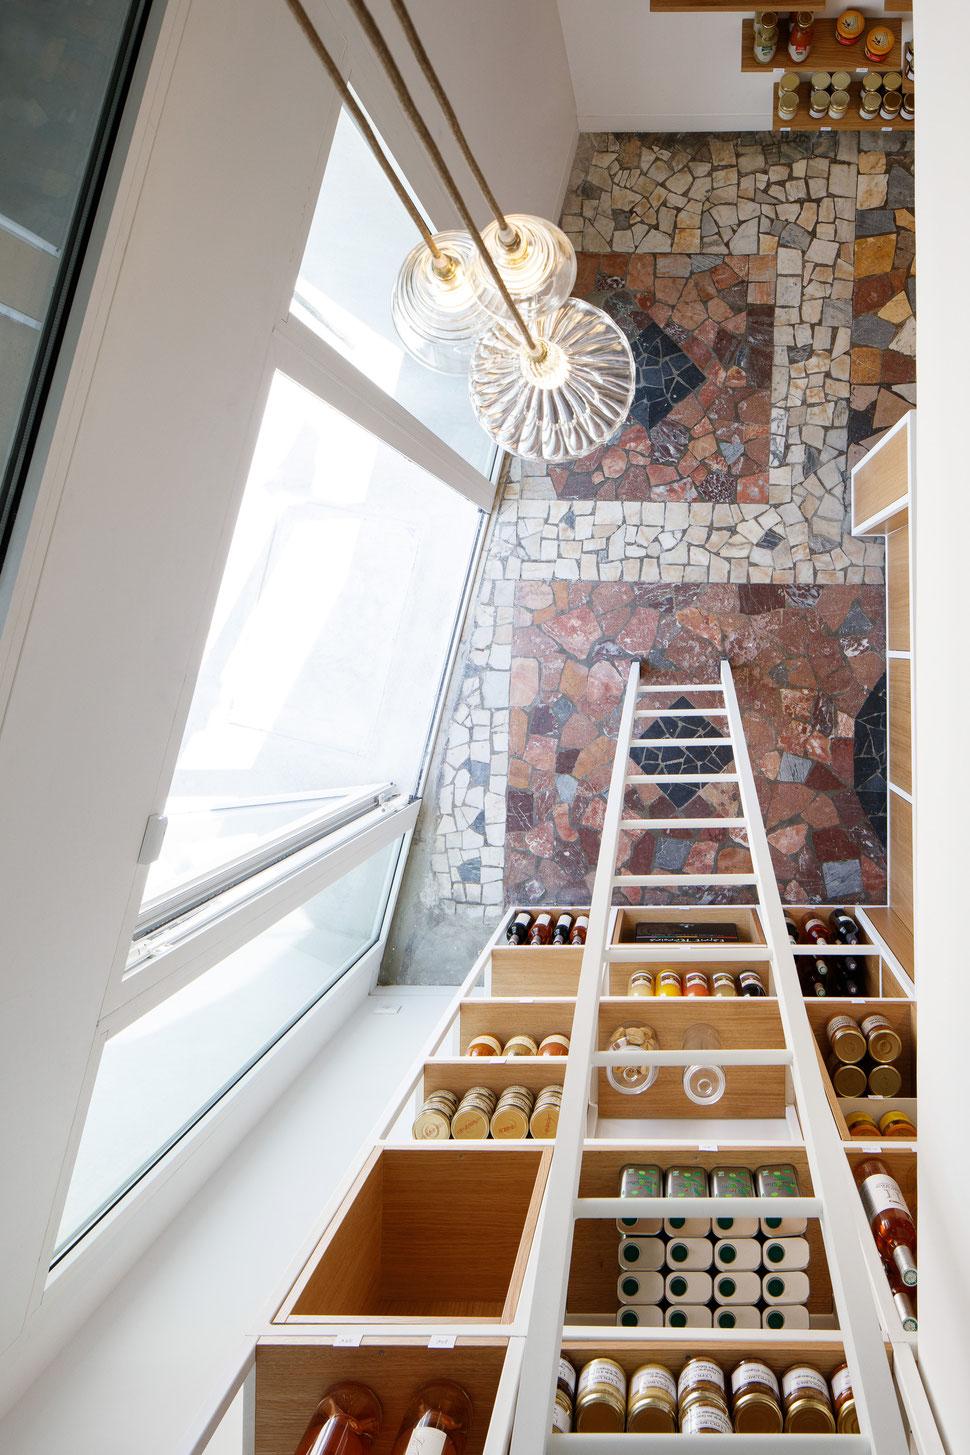 bertrand guillon architecture - architecte - marseille - LA SARTINE - épicerie - échelle - vieux port - margaux keller - marbre - mosaïque - comptoir